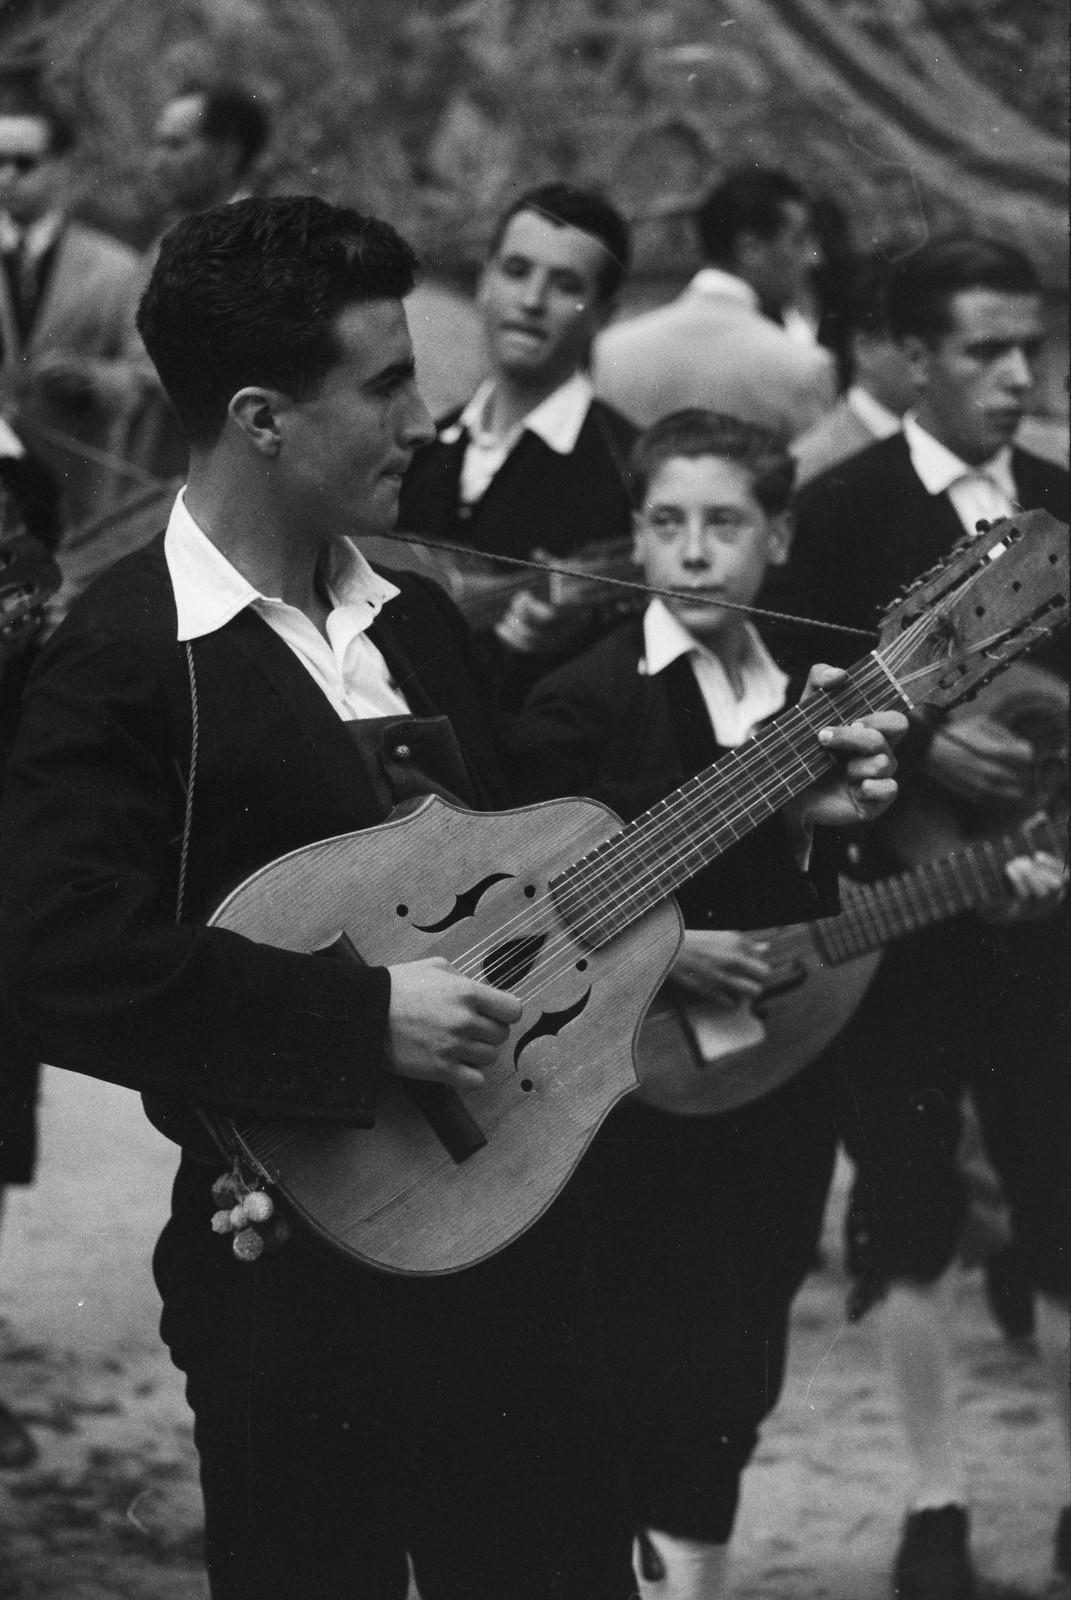 Tocando el laúd en el Corpus de 1955 junto a la catedral de Toledo © ETH-Bibliothek Zurich